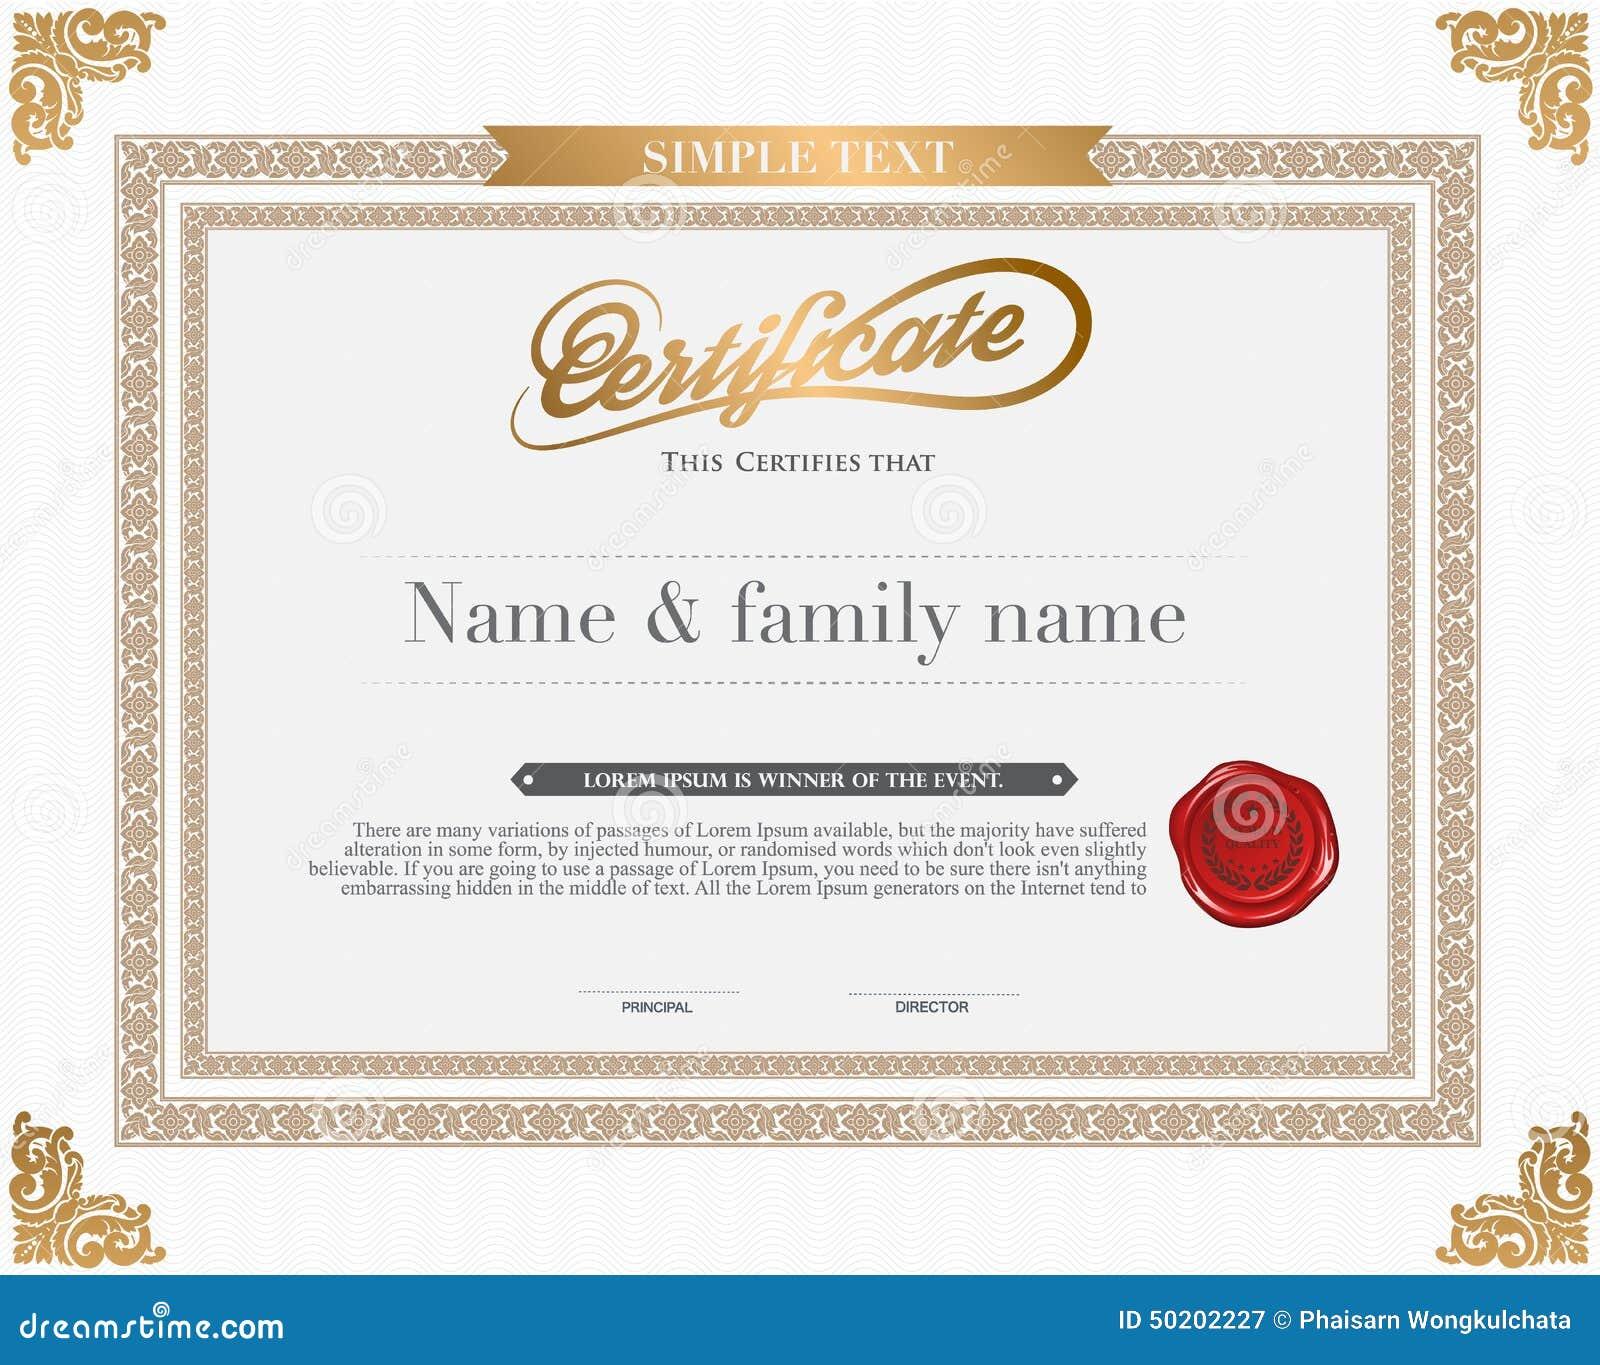 vector certificate template - Certificate Template Illustrator